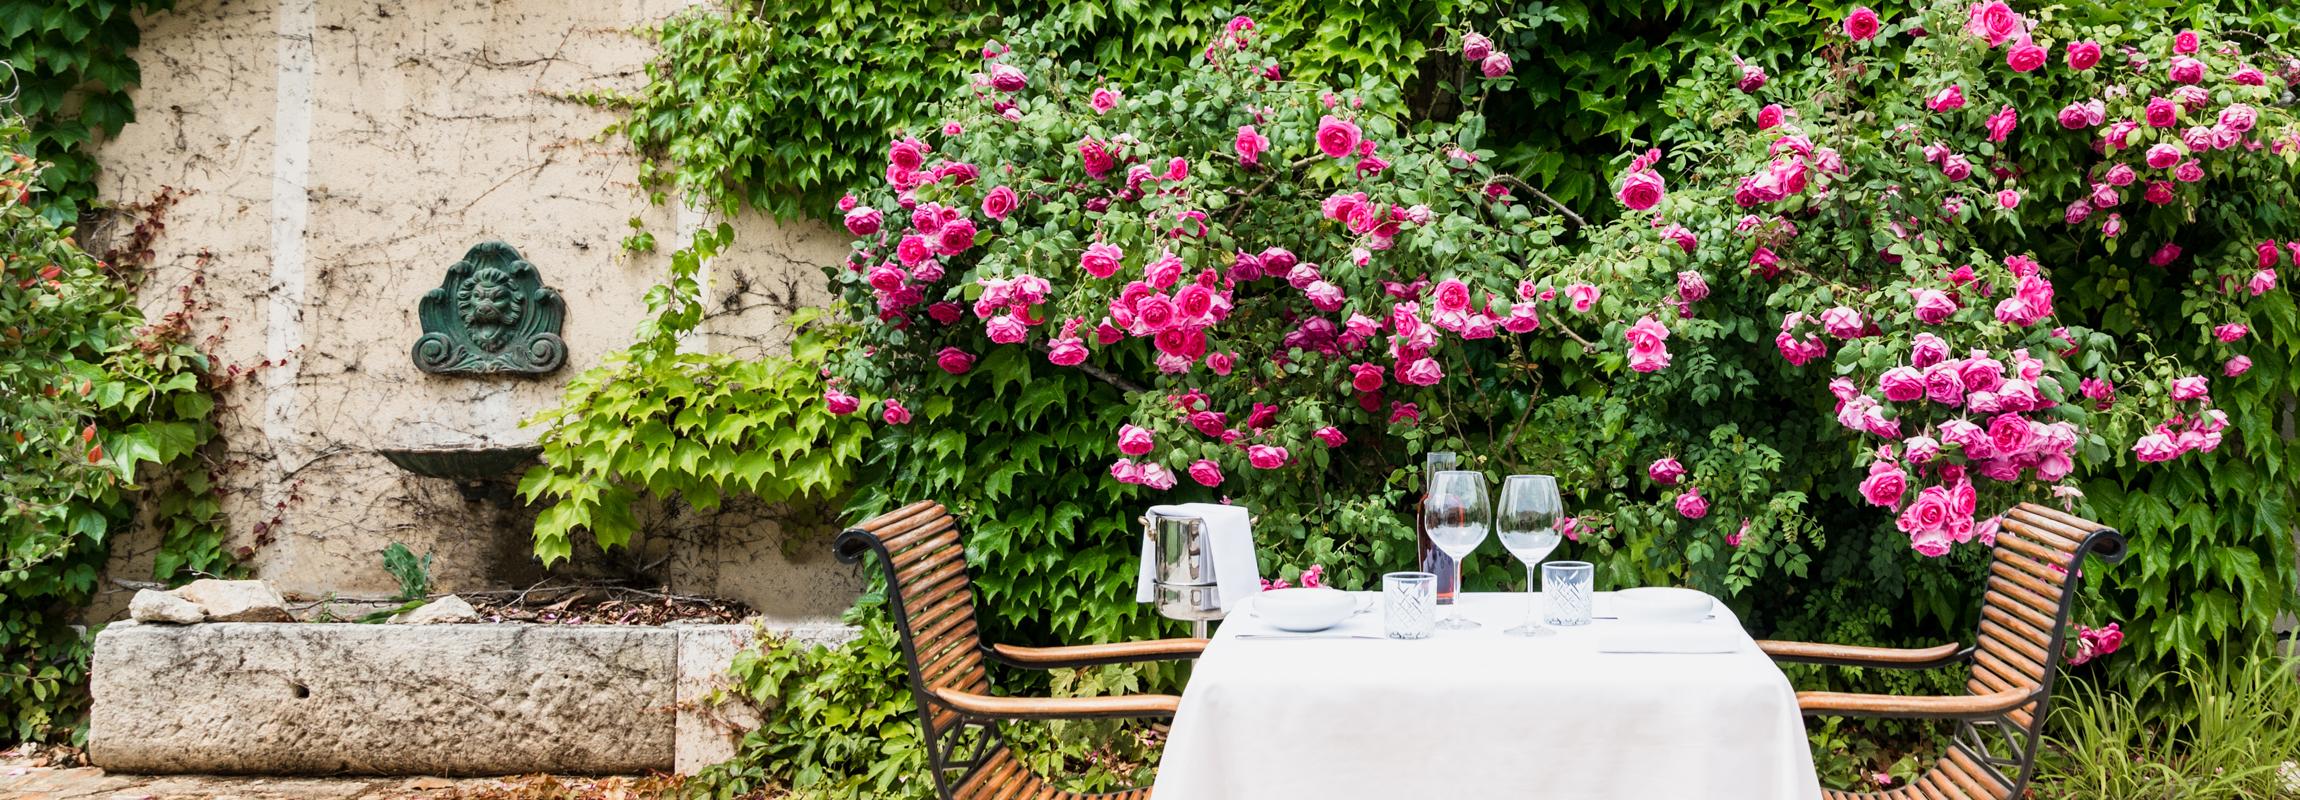 """Im Innenhof des """"Le Mas"""" können Gäste des Restaurant de Montcaud (Hotel Château de Montcaud, Provence, Südfrankreich) ihr Abendessen unter dem Sternenhimmel der Provence geniessen."""